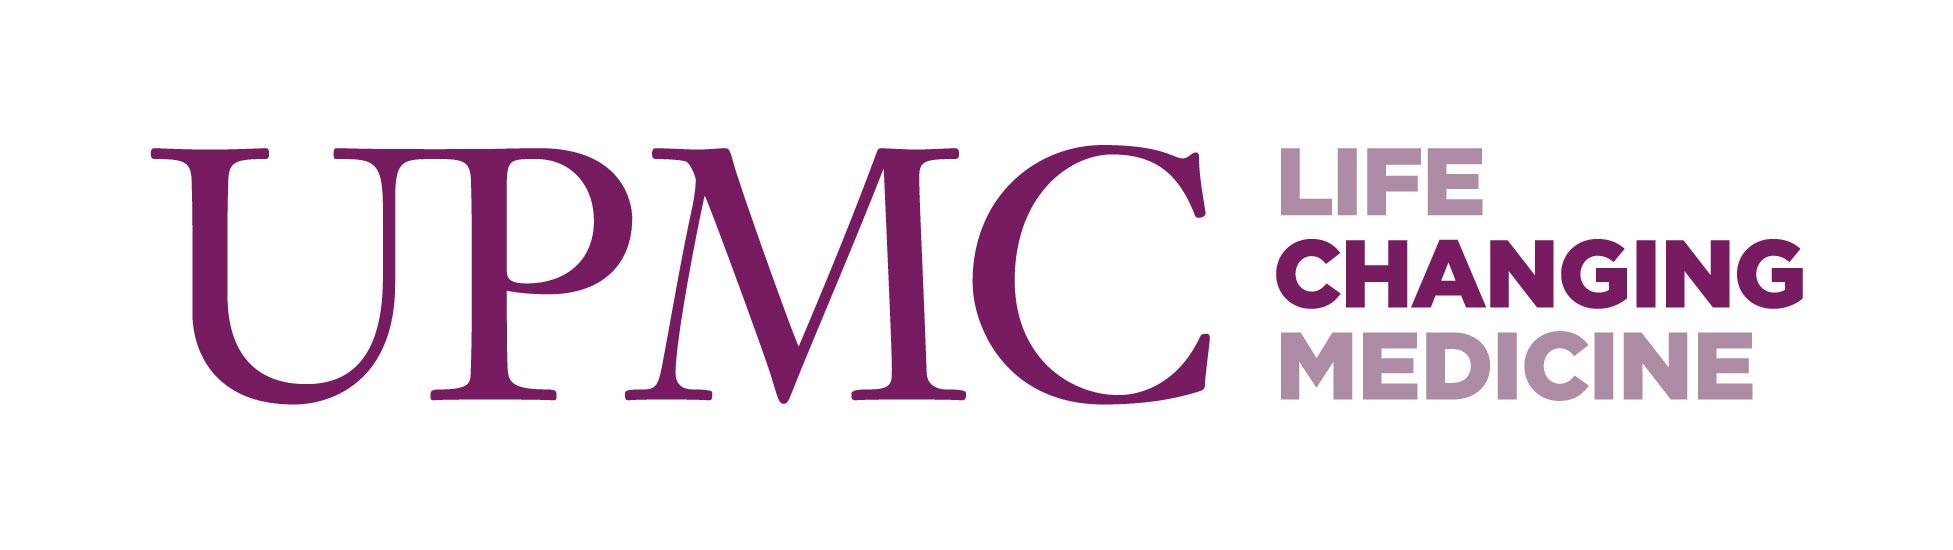 UPMC-Logo-Color-in-jpg.jpg